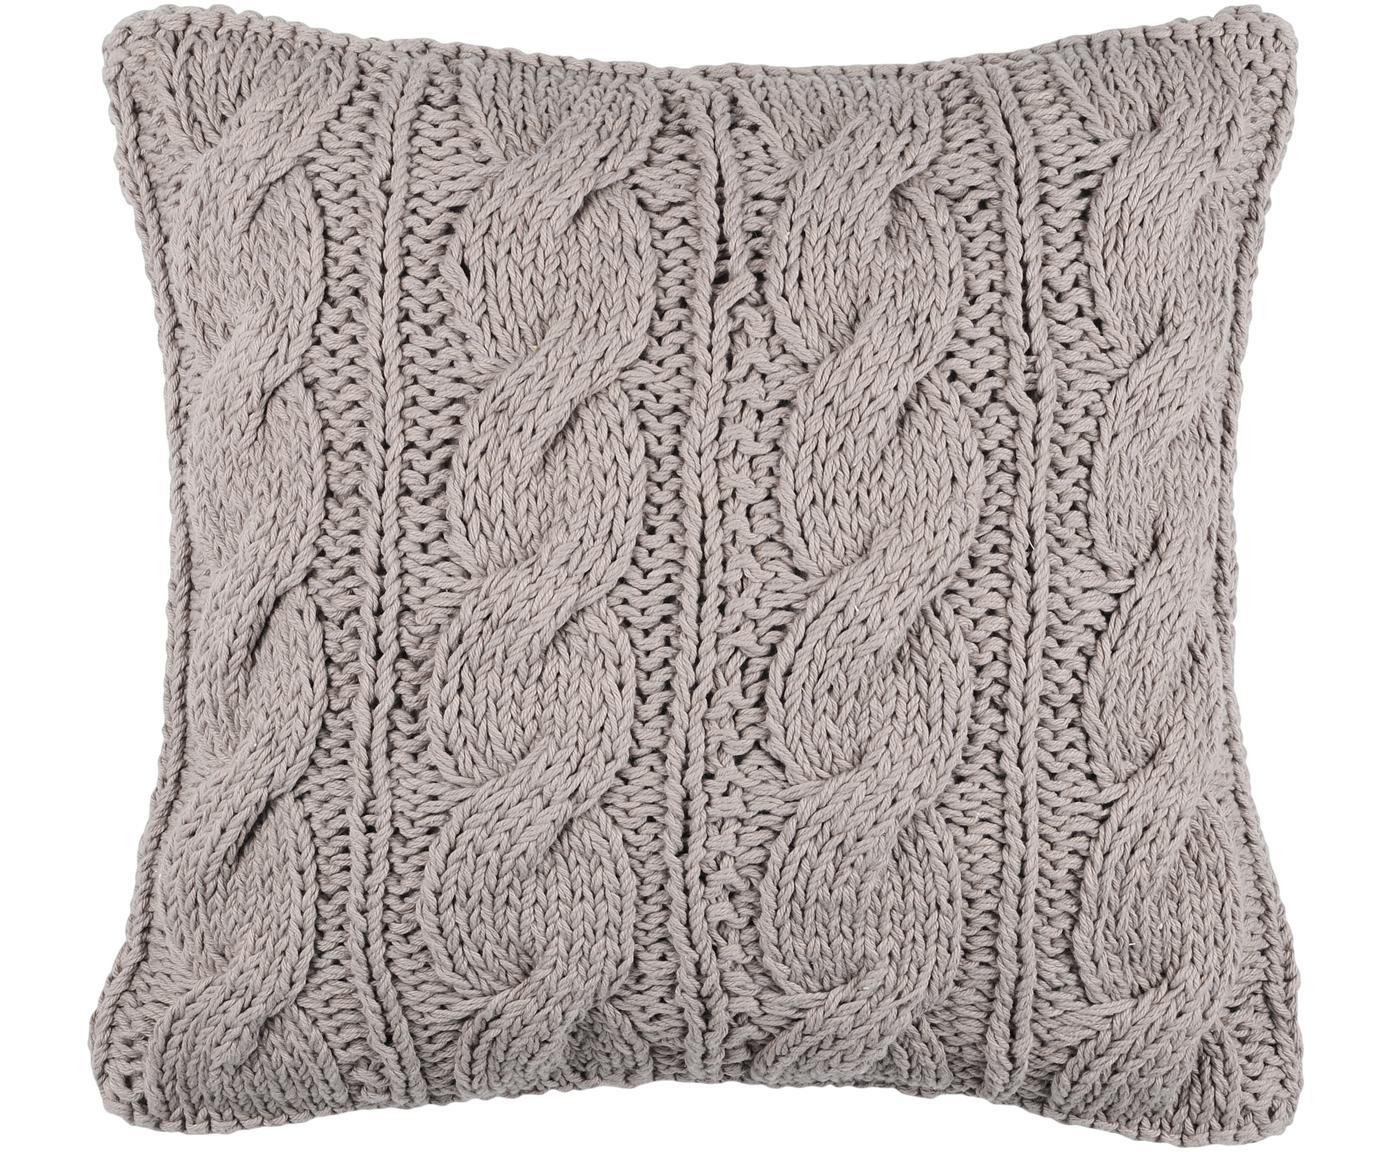 Cuscino con imbottitura Stitch, Rivestimento: cotone, Grigio, Larg. 40 x Lung. 40 cm